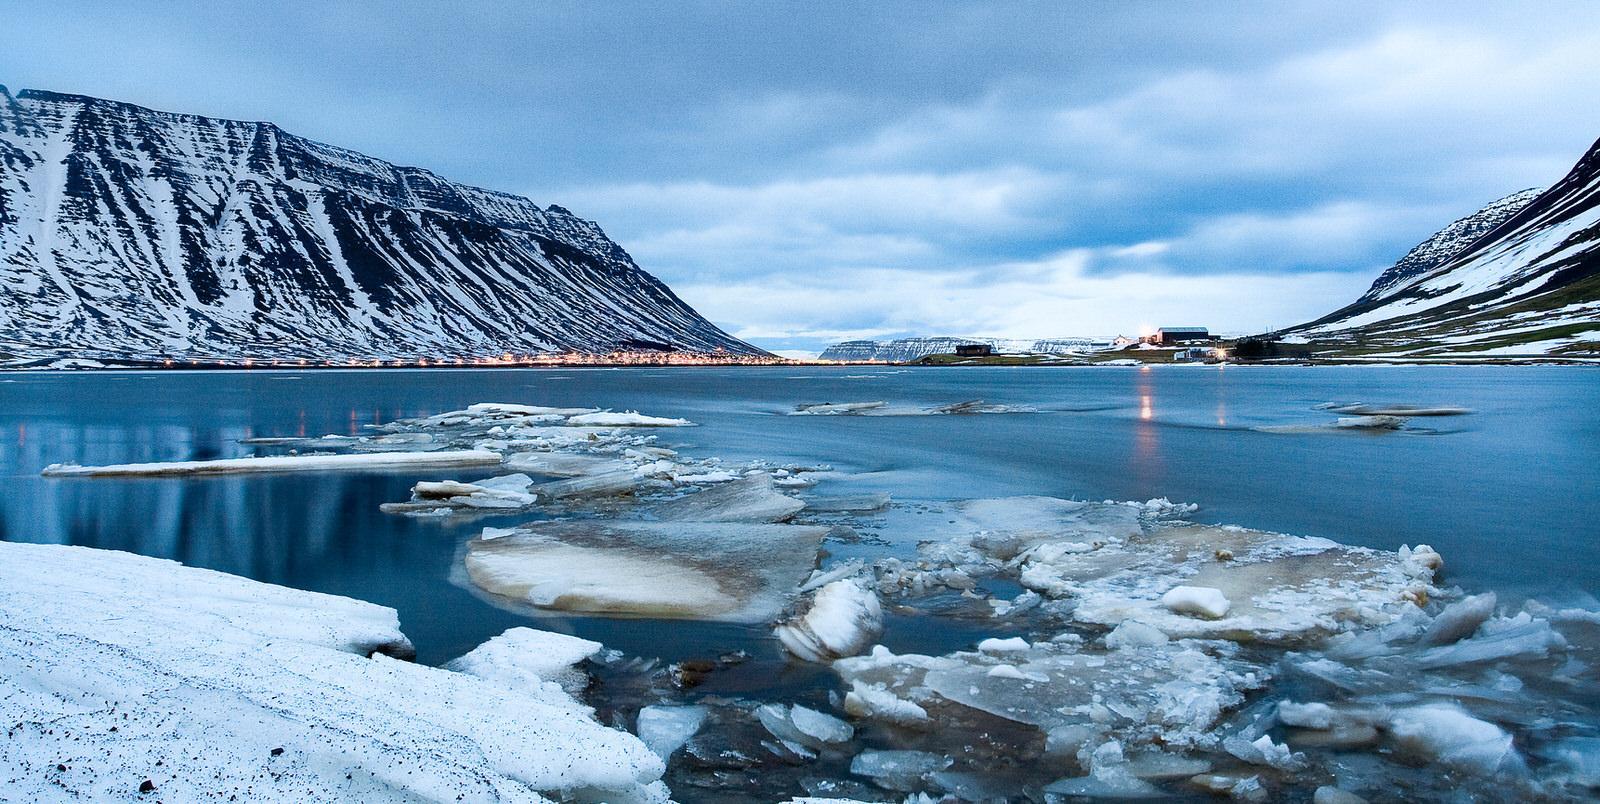 有没有有关冰岛风景的电脑壁纸? - 知乎